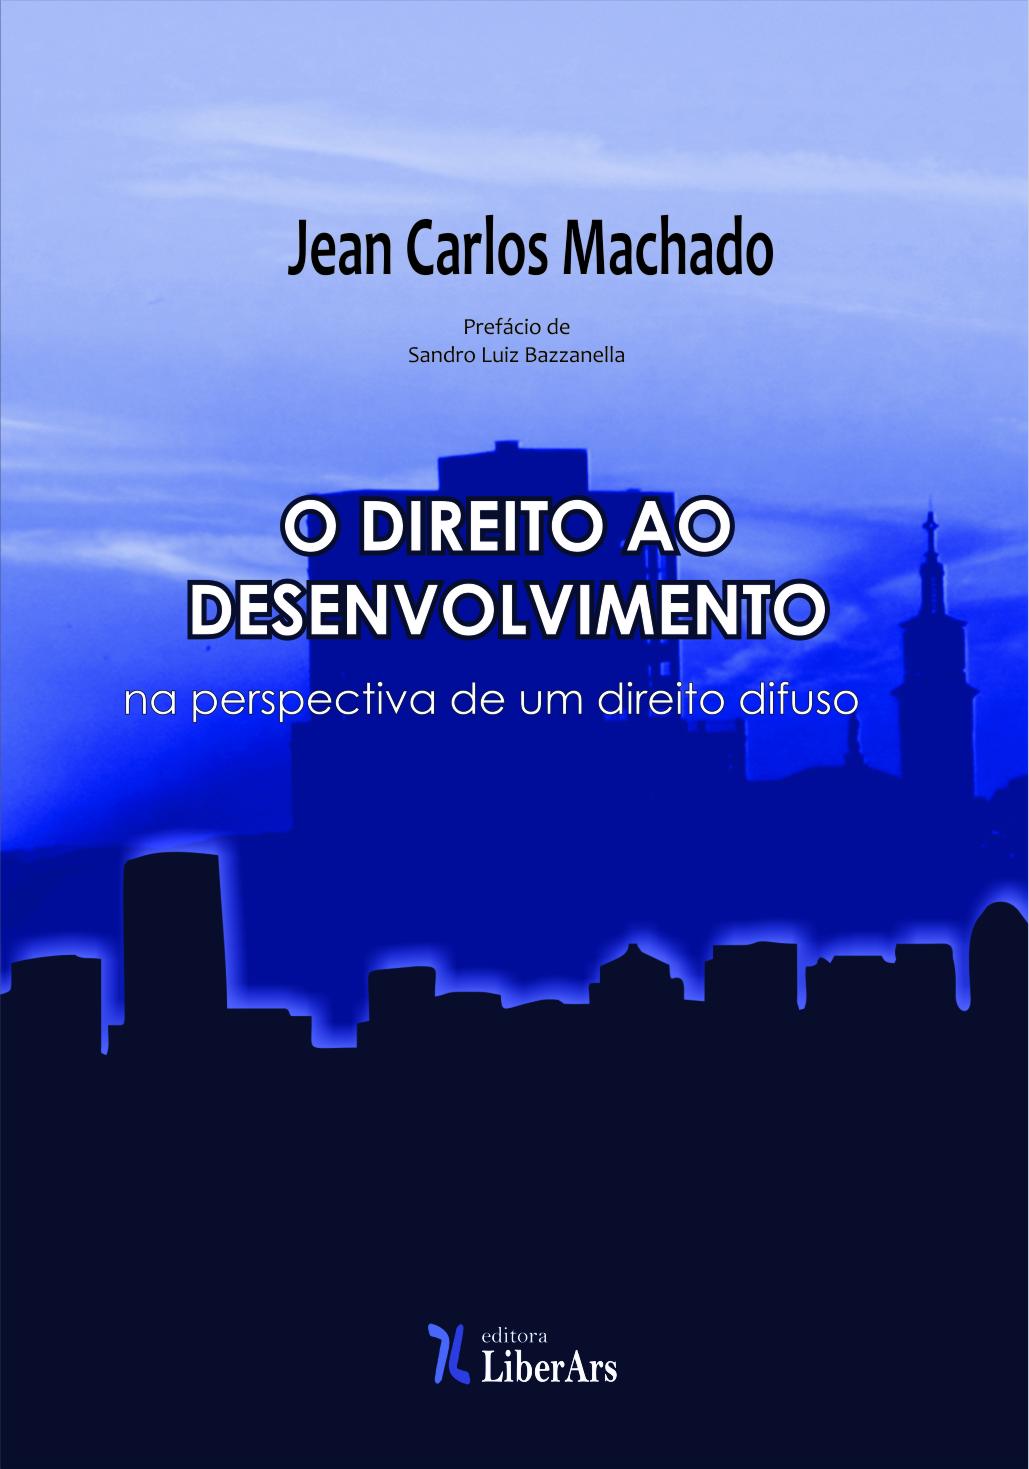 Direito ao desenvolvimento na perspectiva de um direito difuso, O, livro de Jean Carlos Machado